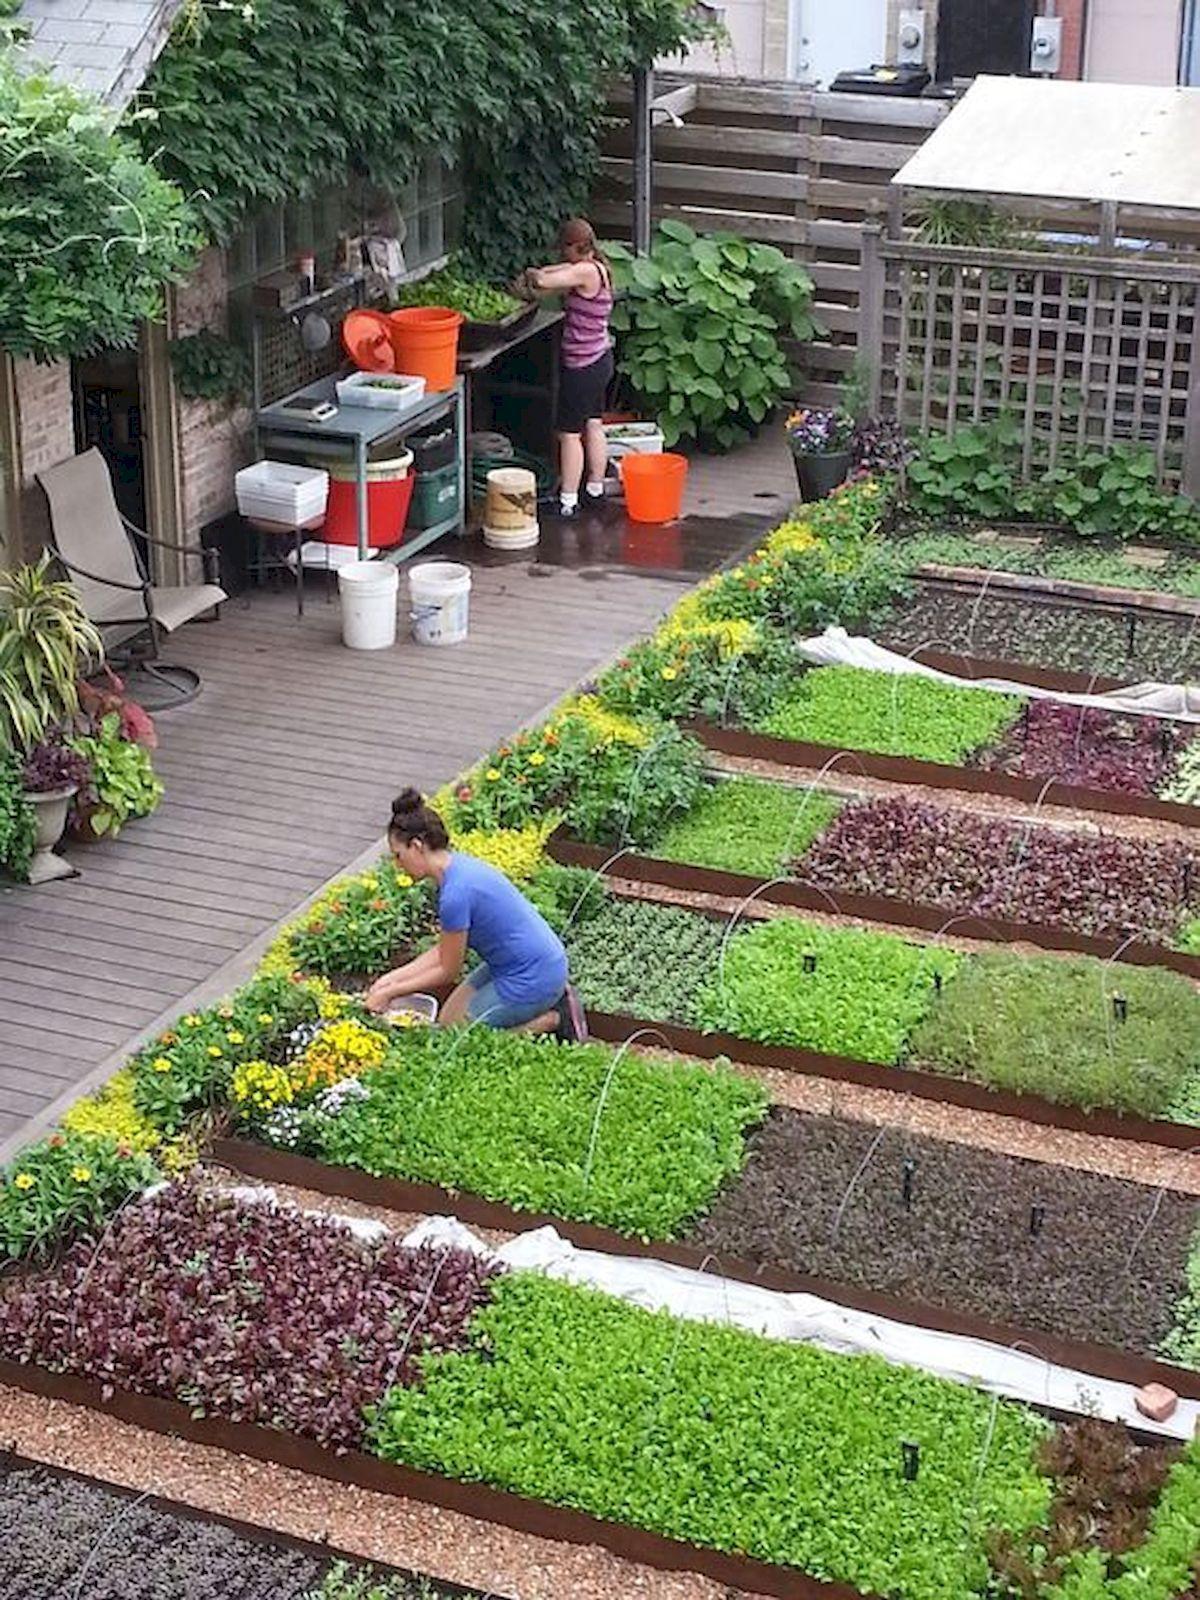 35 Stunning Vegetable Backyard For Garden Ideas 31 Gardenideas Vegetable Garden Design Garden Layout Small Vegetable Gardens